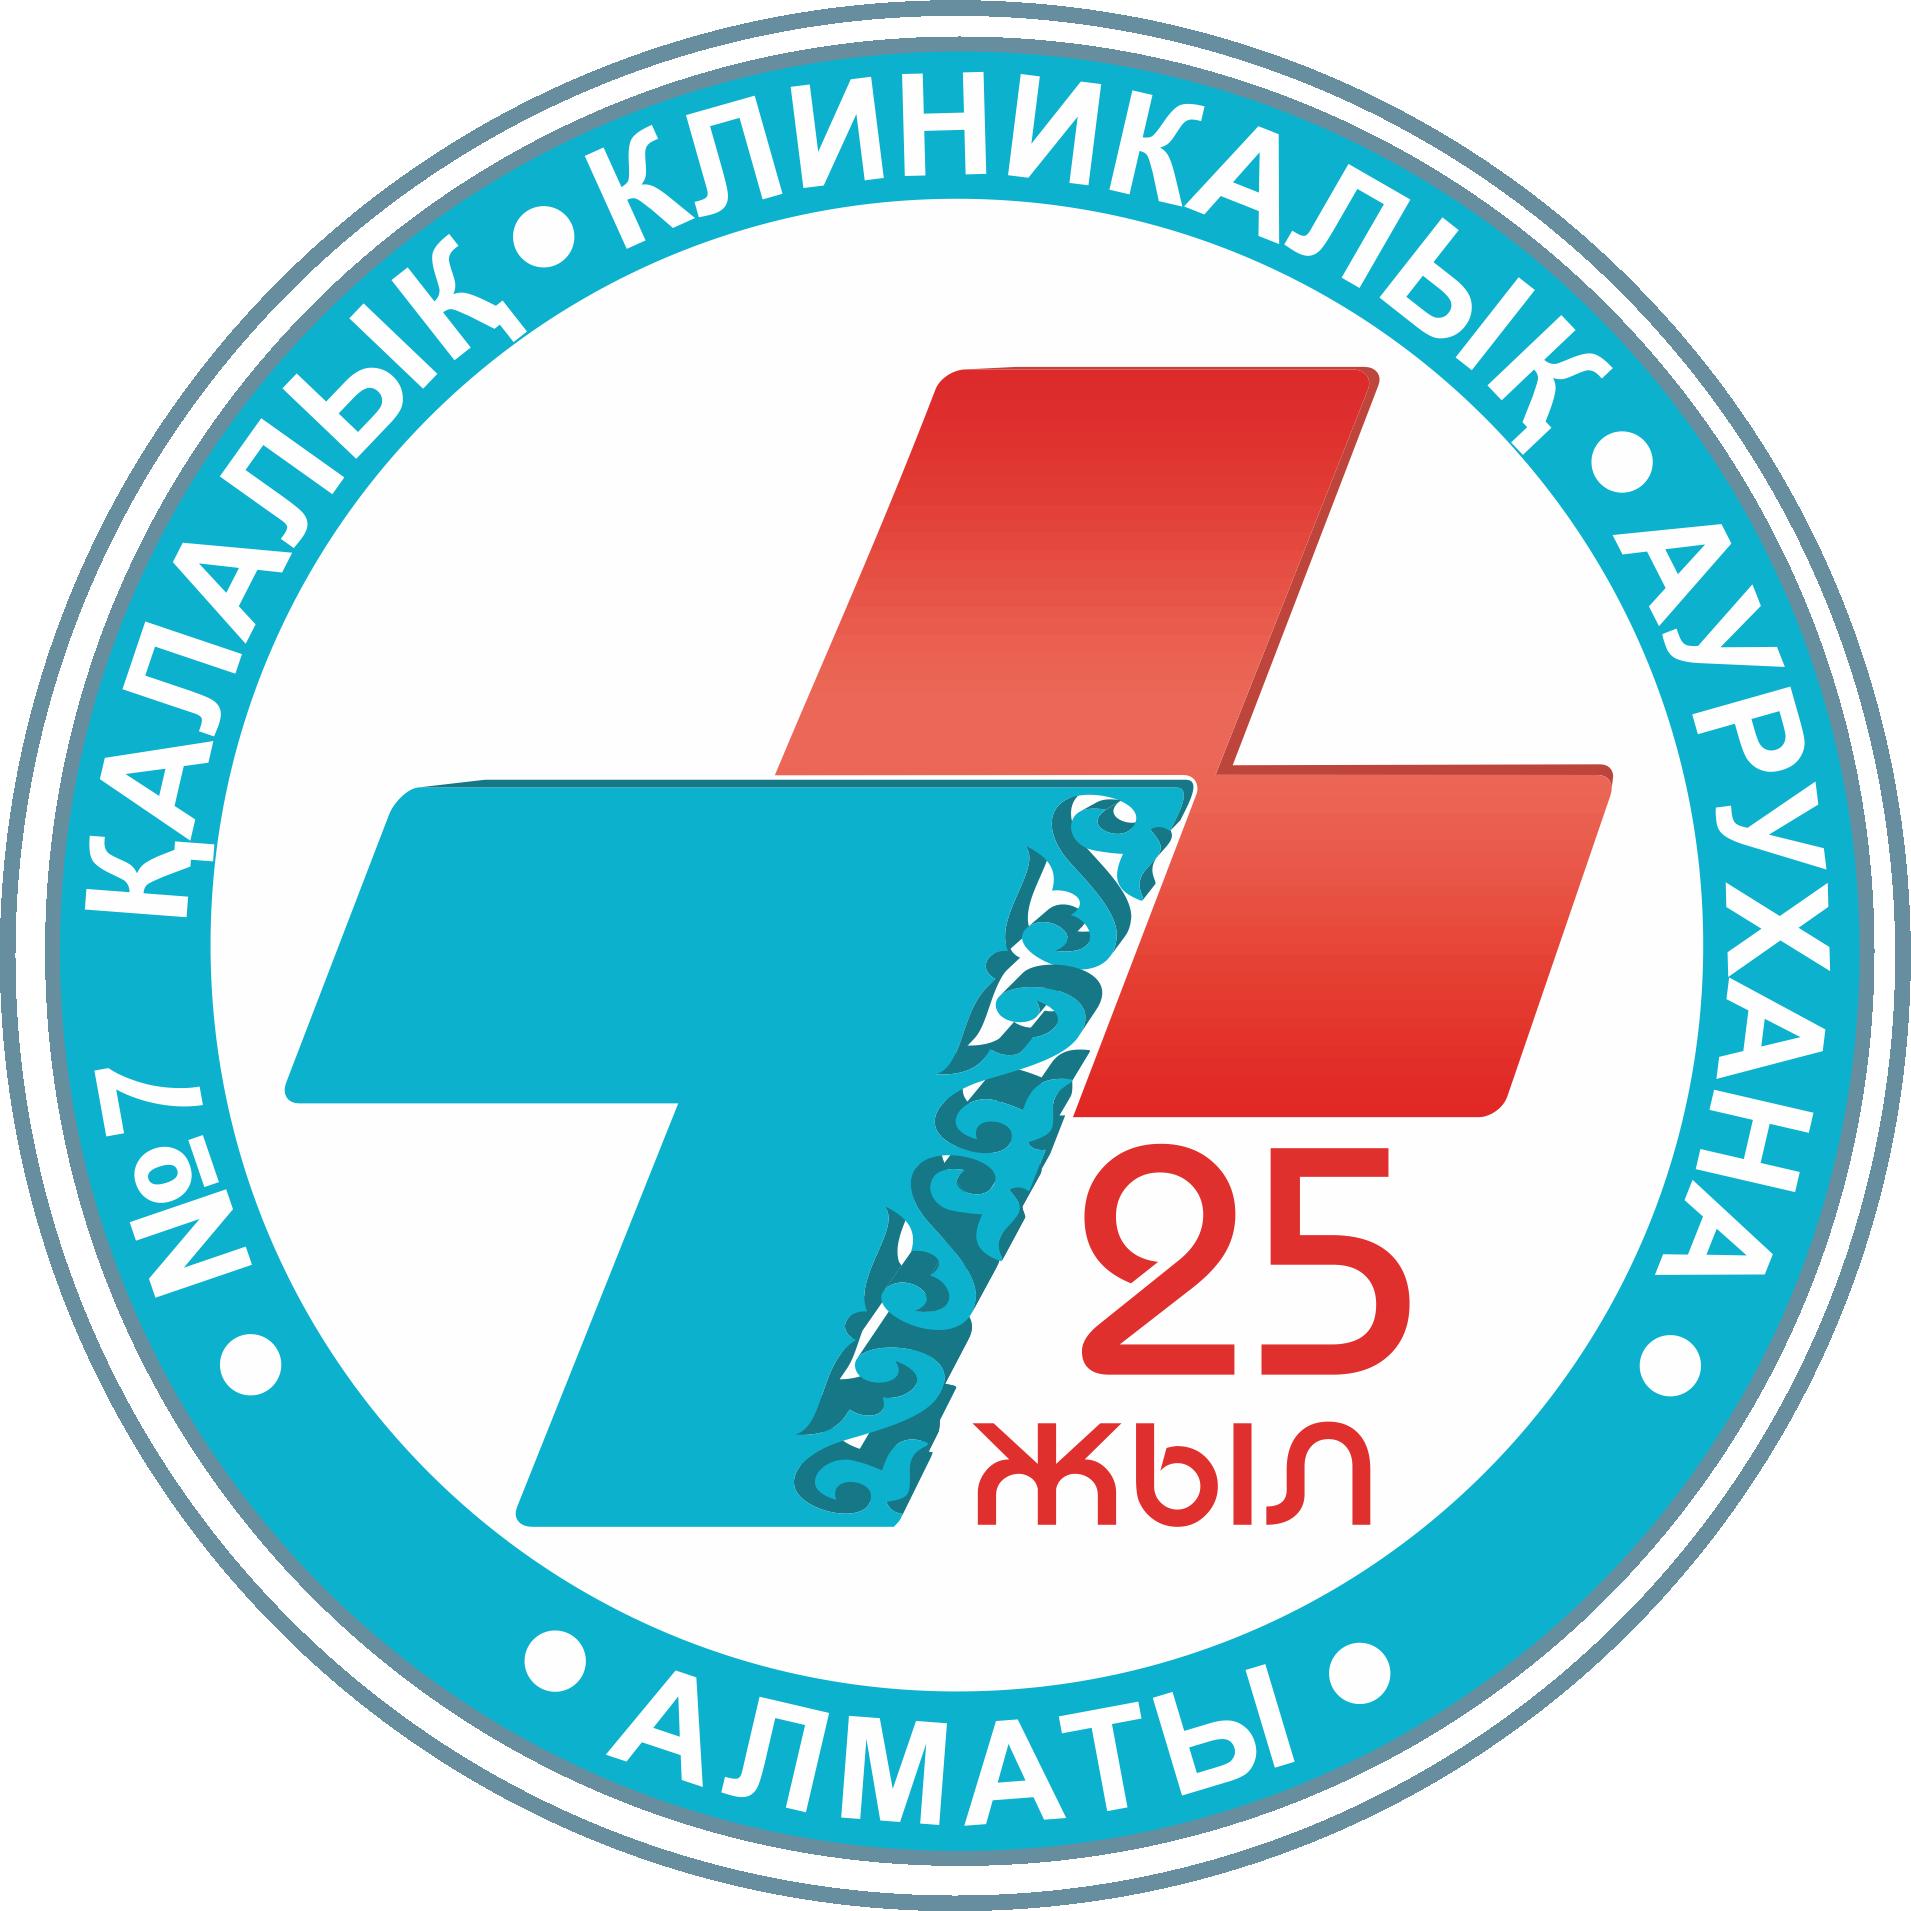 Городская клиническая больница №7 Алматы. Международный отдел